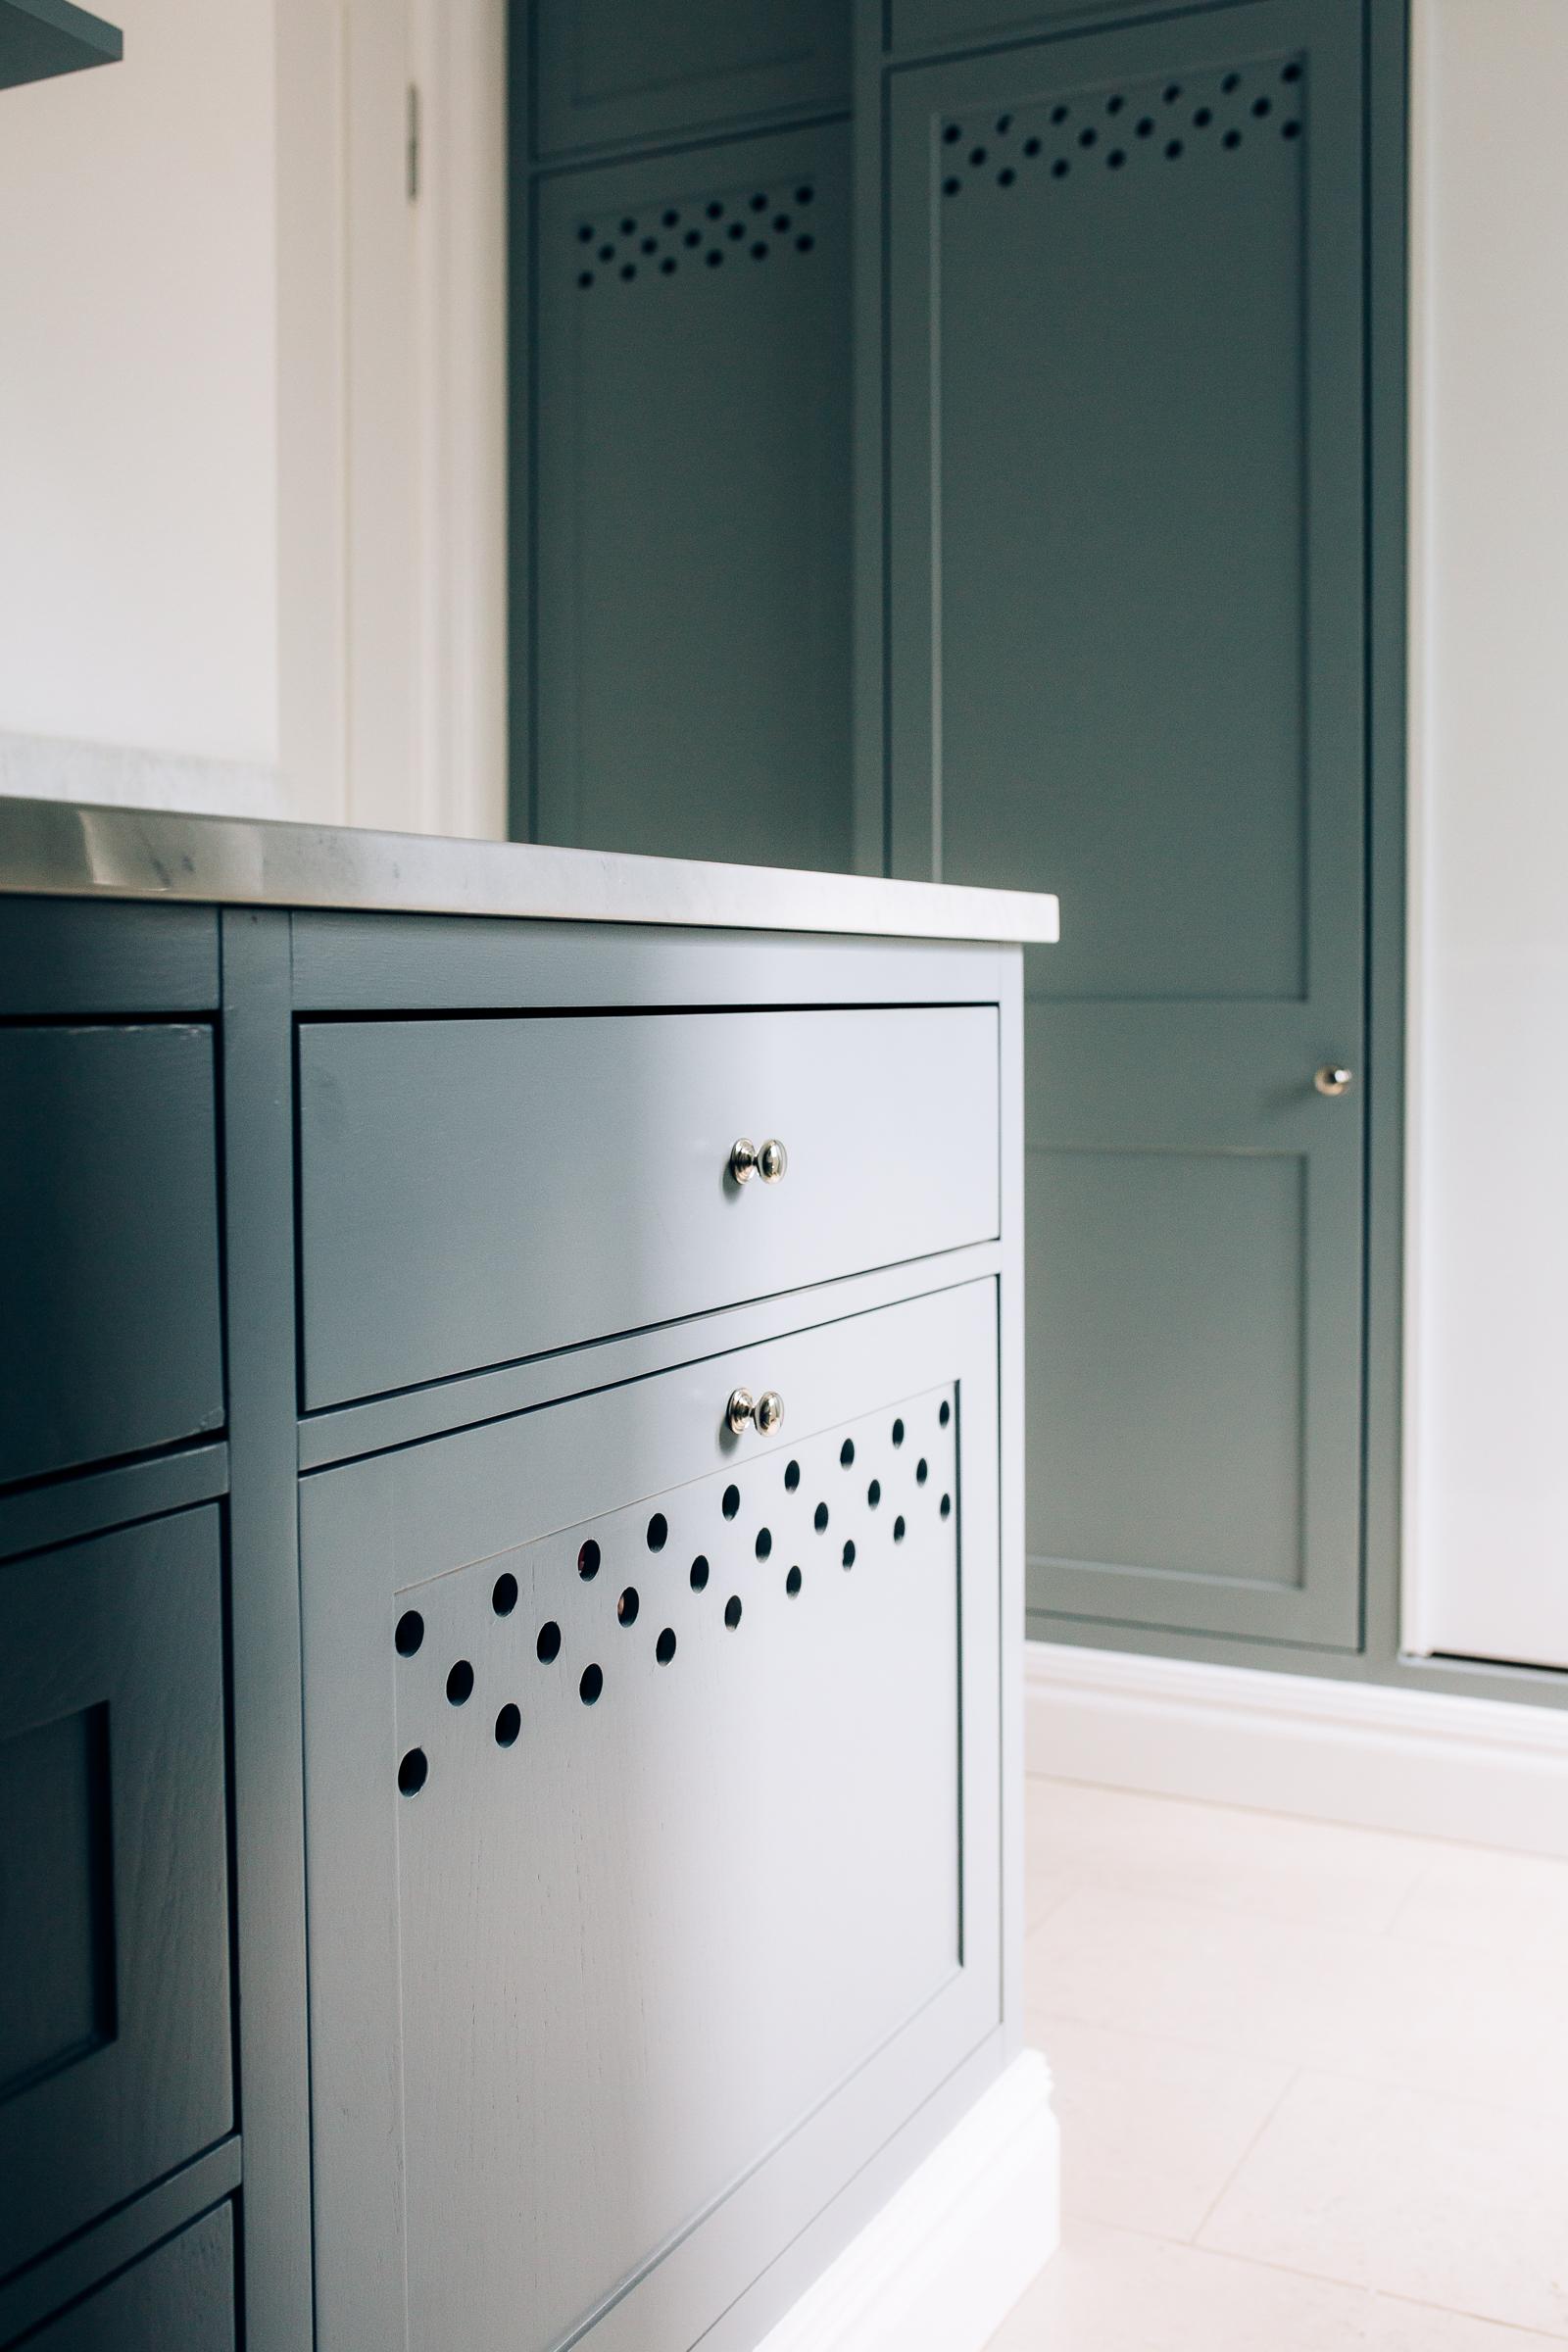 Vaskerommet har innebygget skittentøyskurver. Skuffene er utstyrt med luftehull, slik at klærne ikke skal holde seg fuktige.